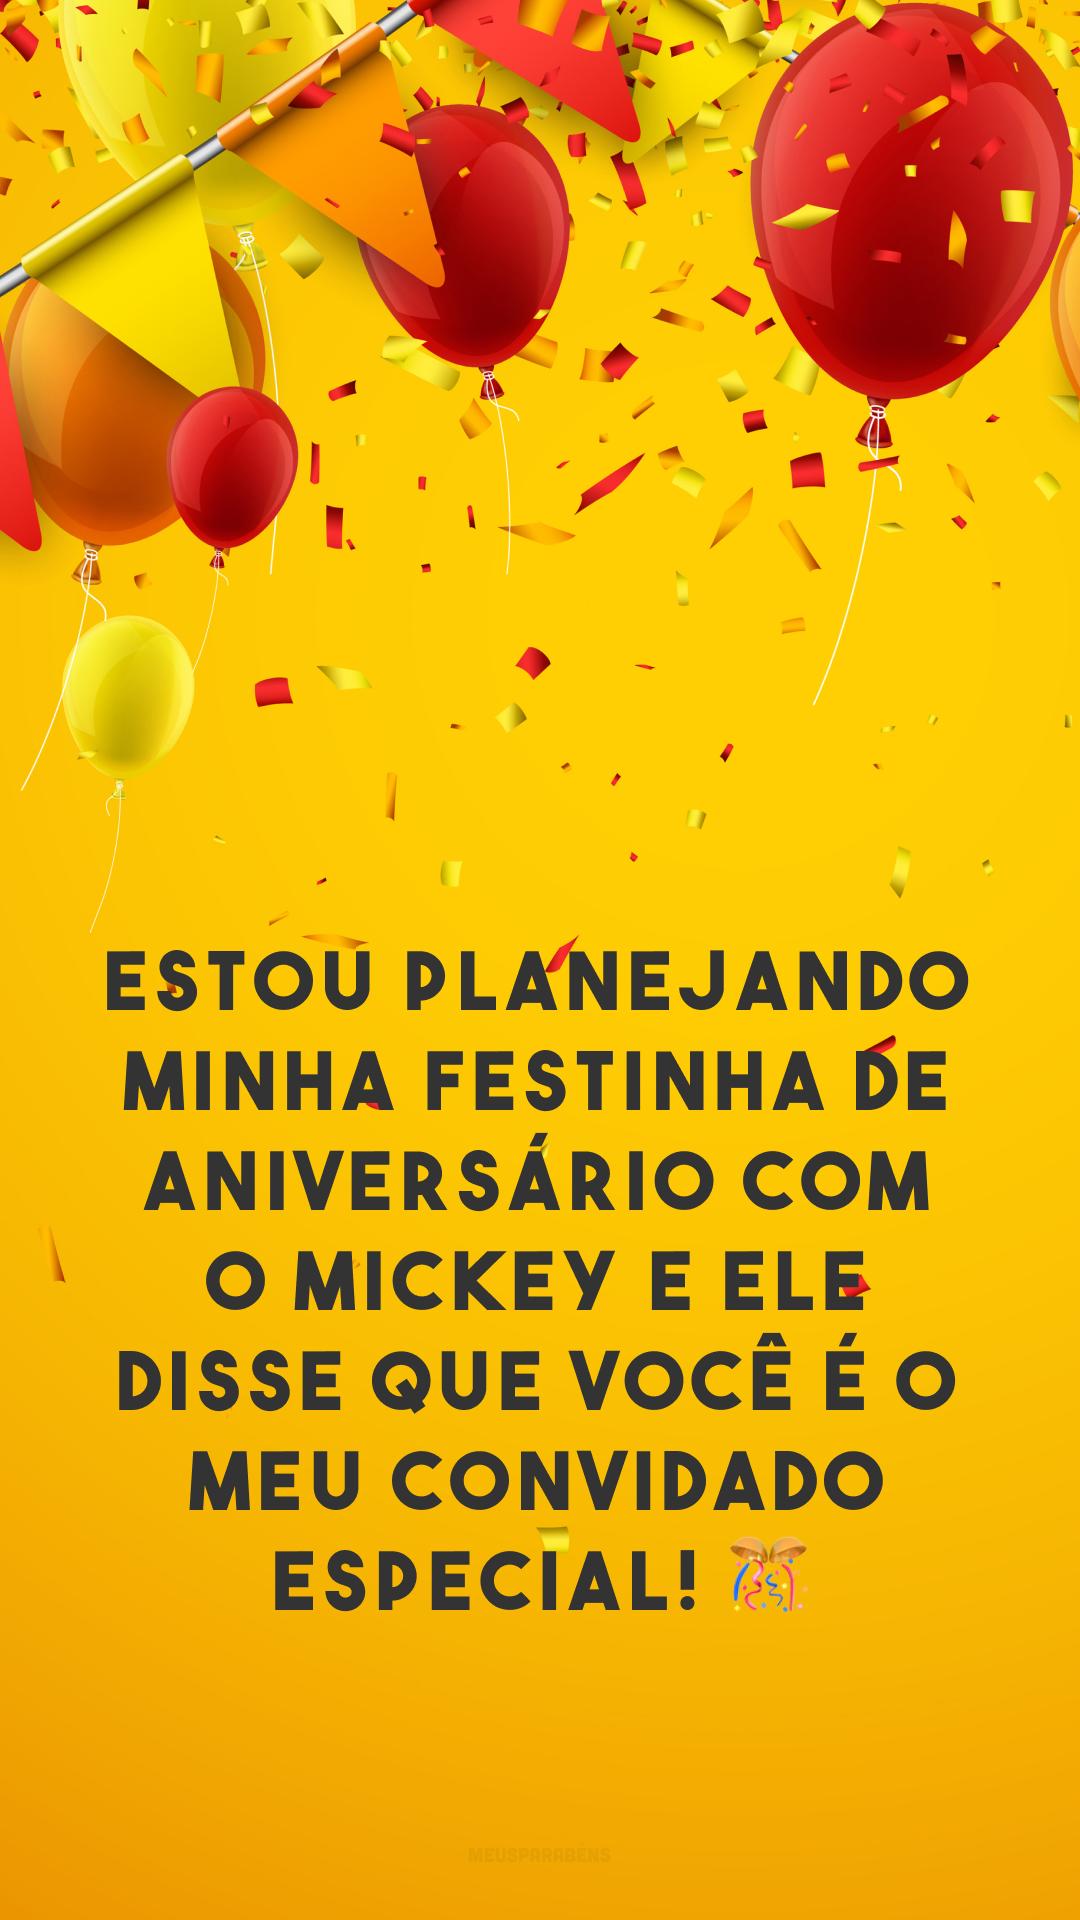 Estou planejando minha festinha de aniversário com o Mickey e ele disse que você é o meu convidado especial! 🎊